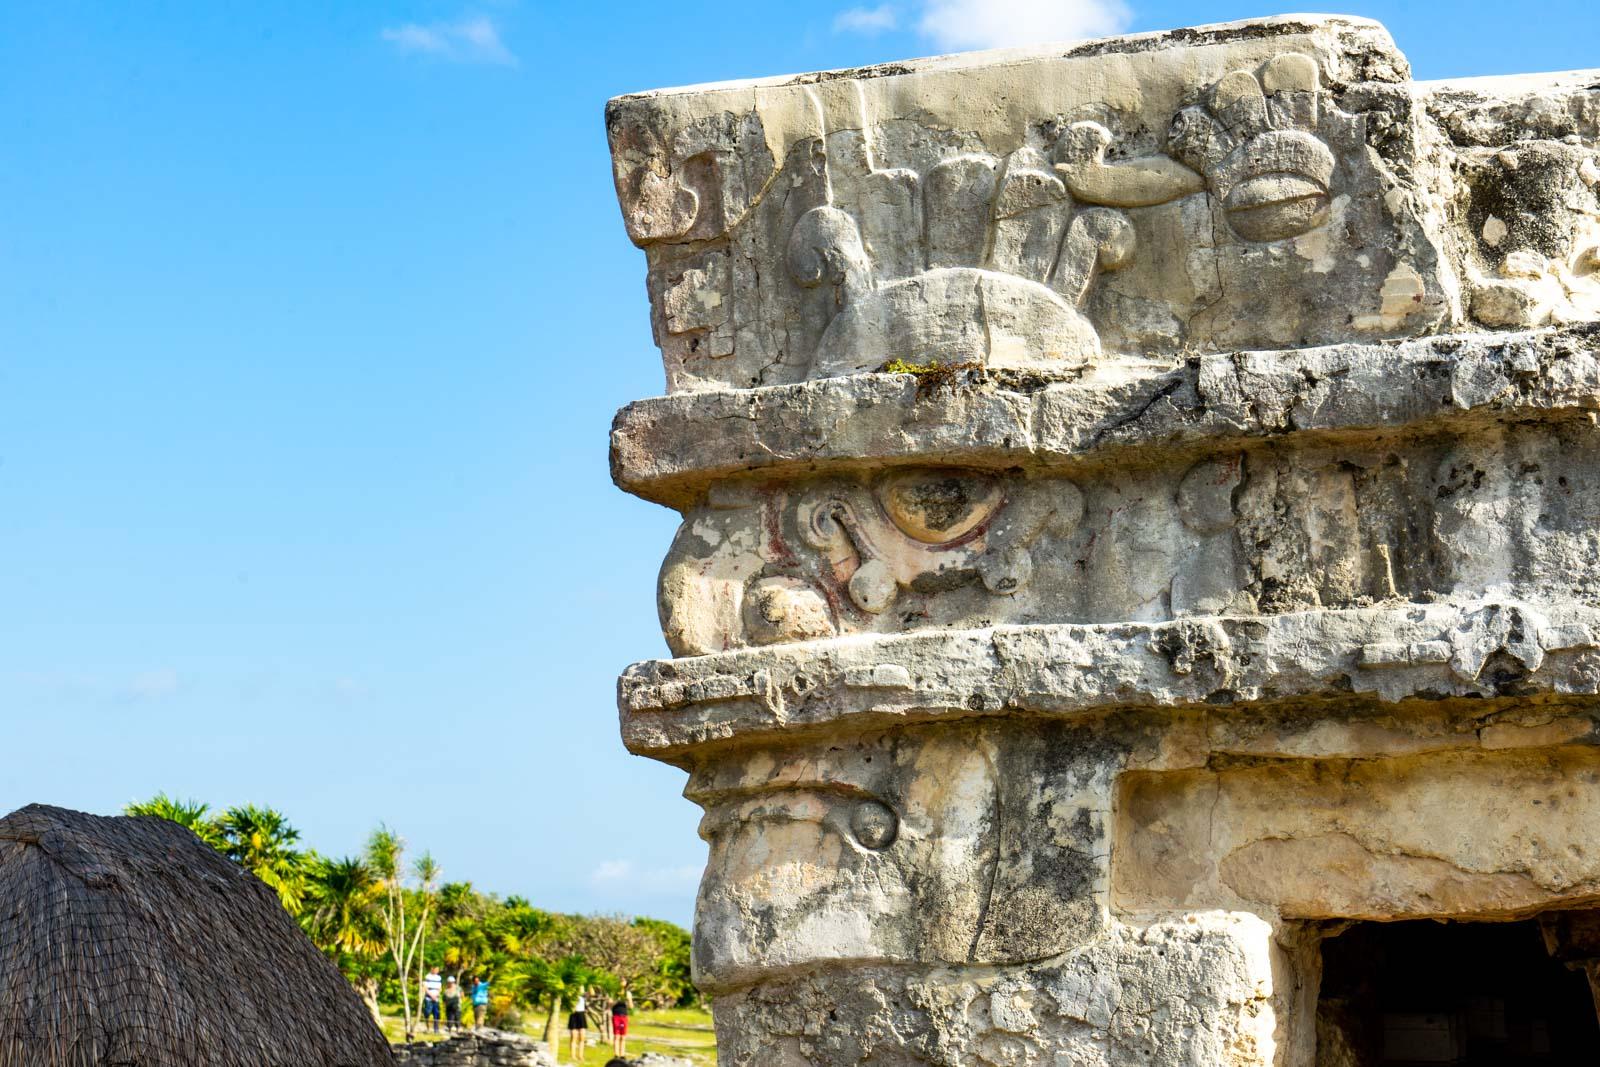 Tulum ruins, Mayan ruins at Tulum, Mexico